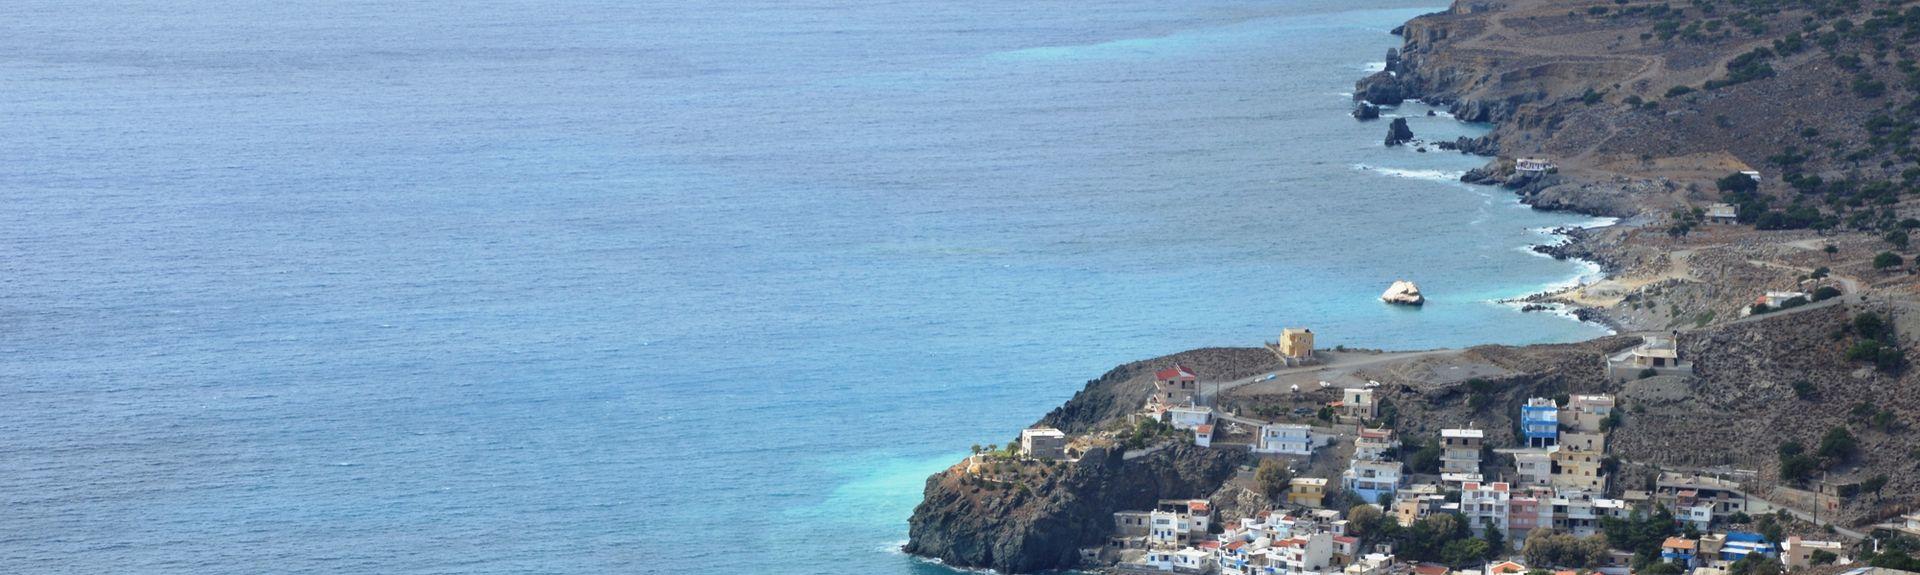 Kofinas, Creta, Grécia